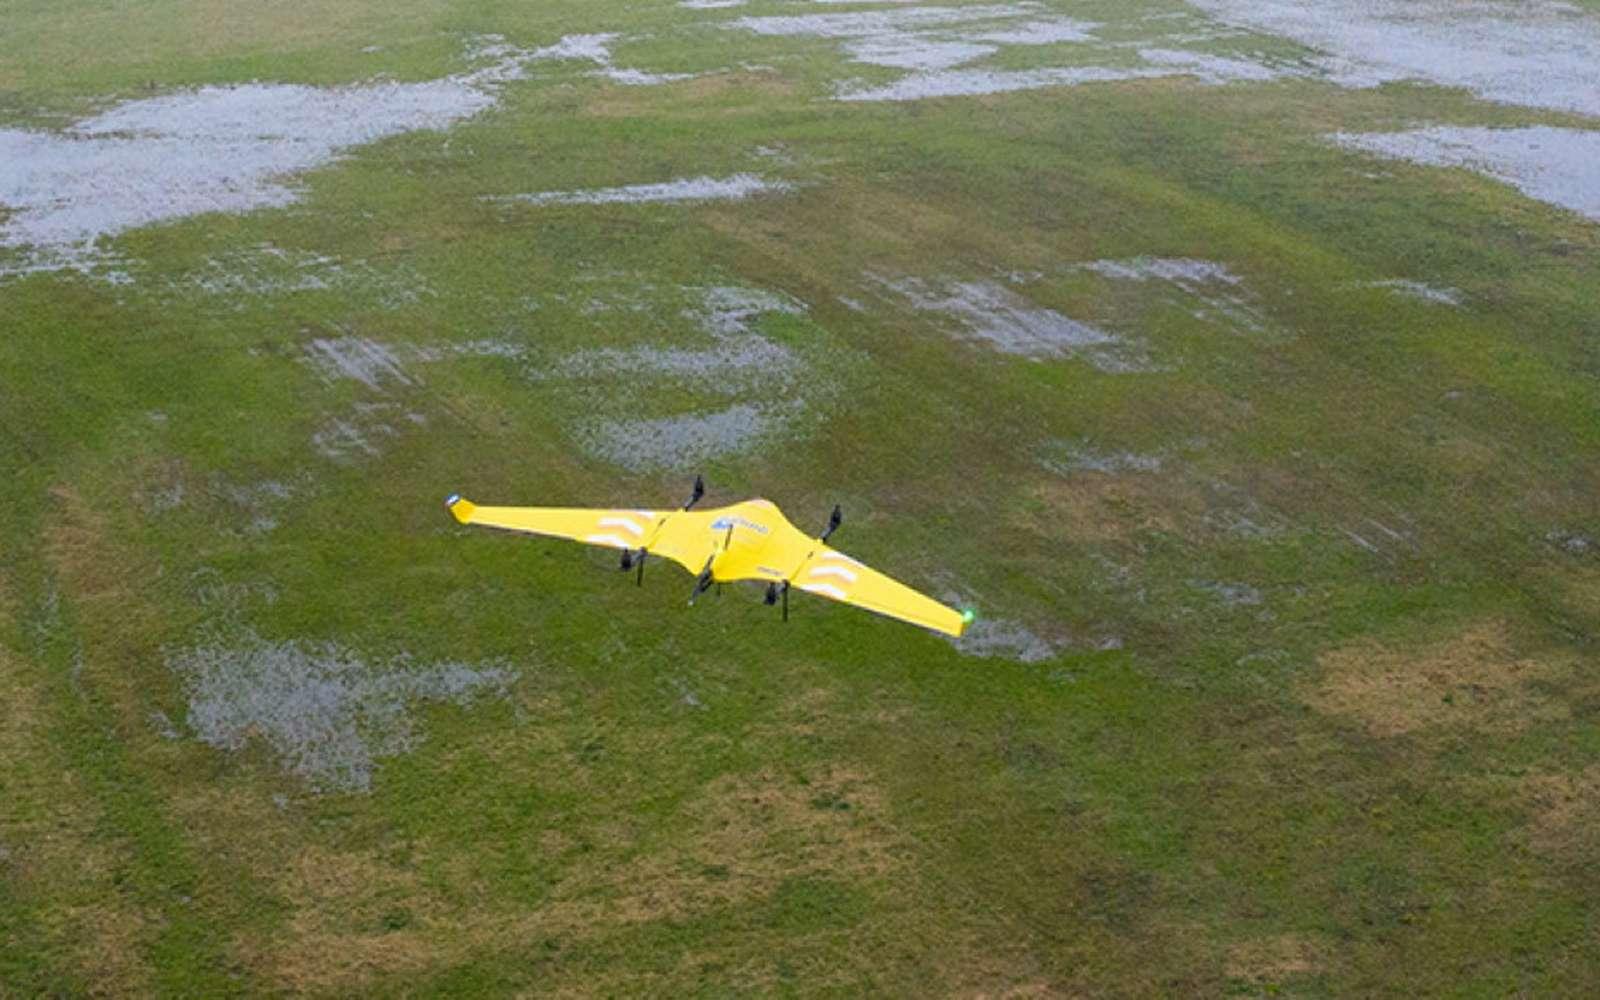 Le drone Avy peut livrer jusqu'à 1,5 kilogramme de matériel médical dans les zones difficiles d'accès et éloignées. © PostNL